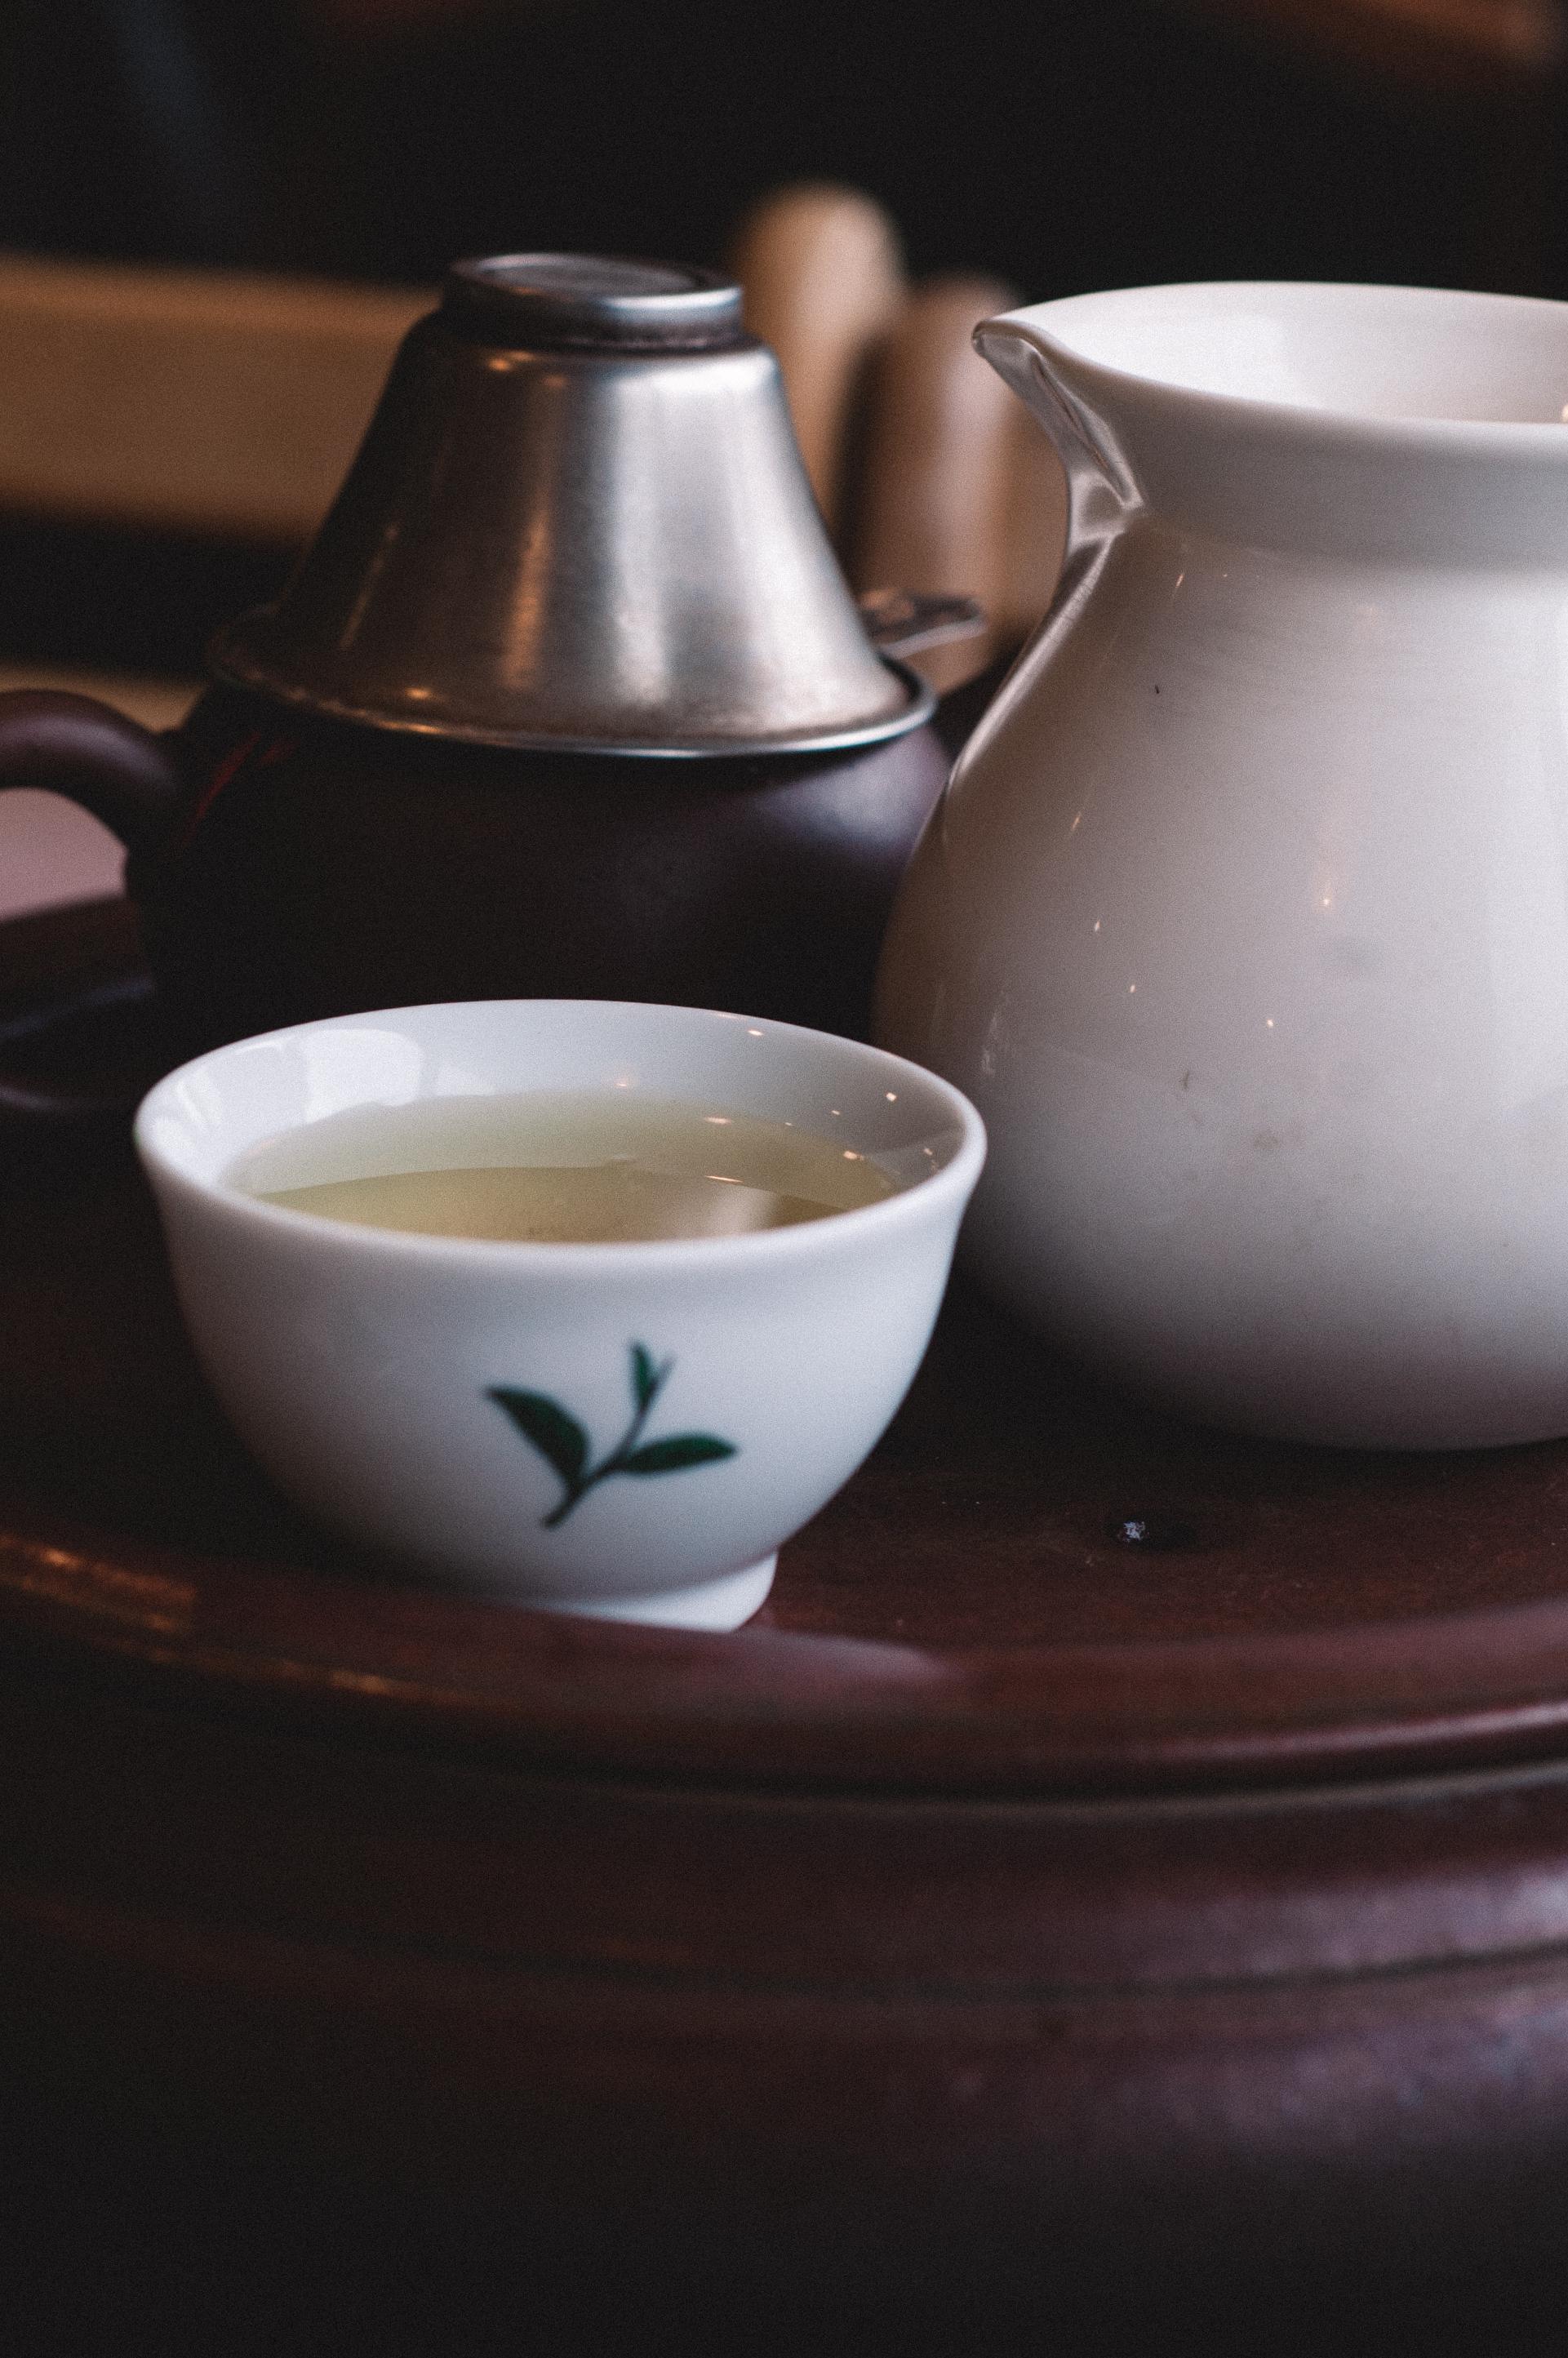 My fancy tea setting